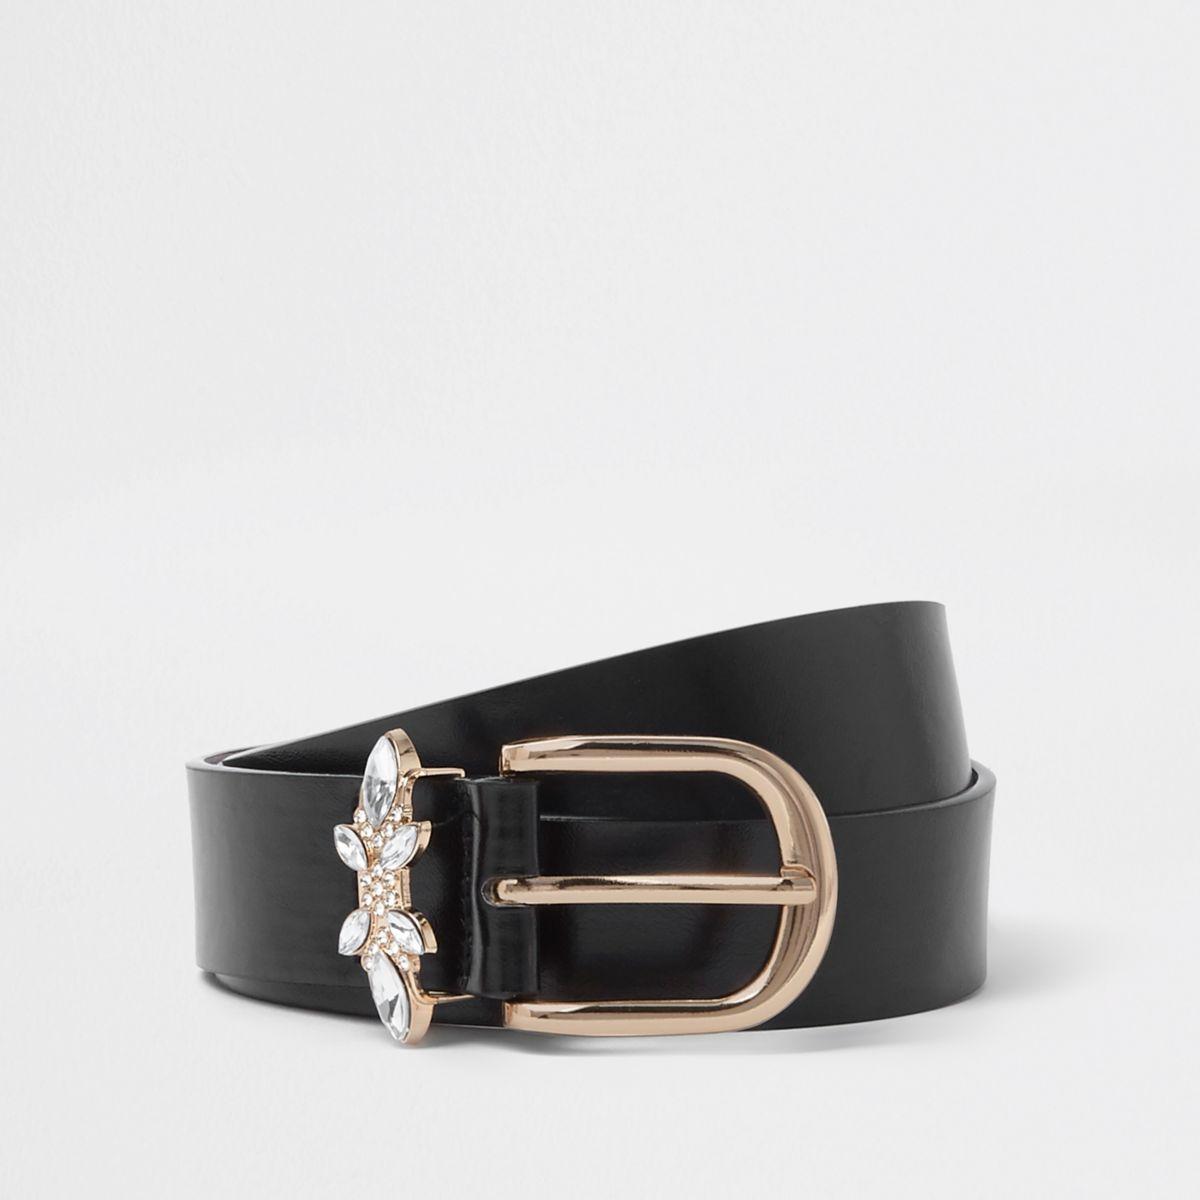 Zwarte jeansriem met siersteentjes op de gesp